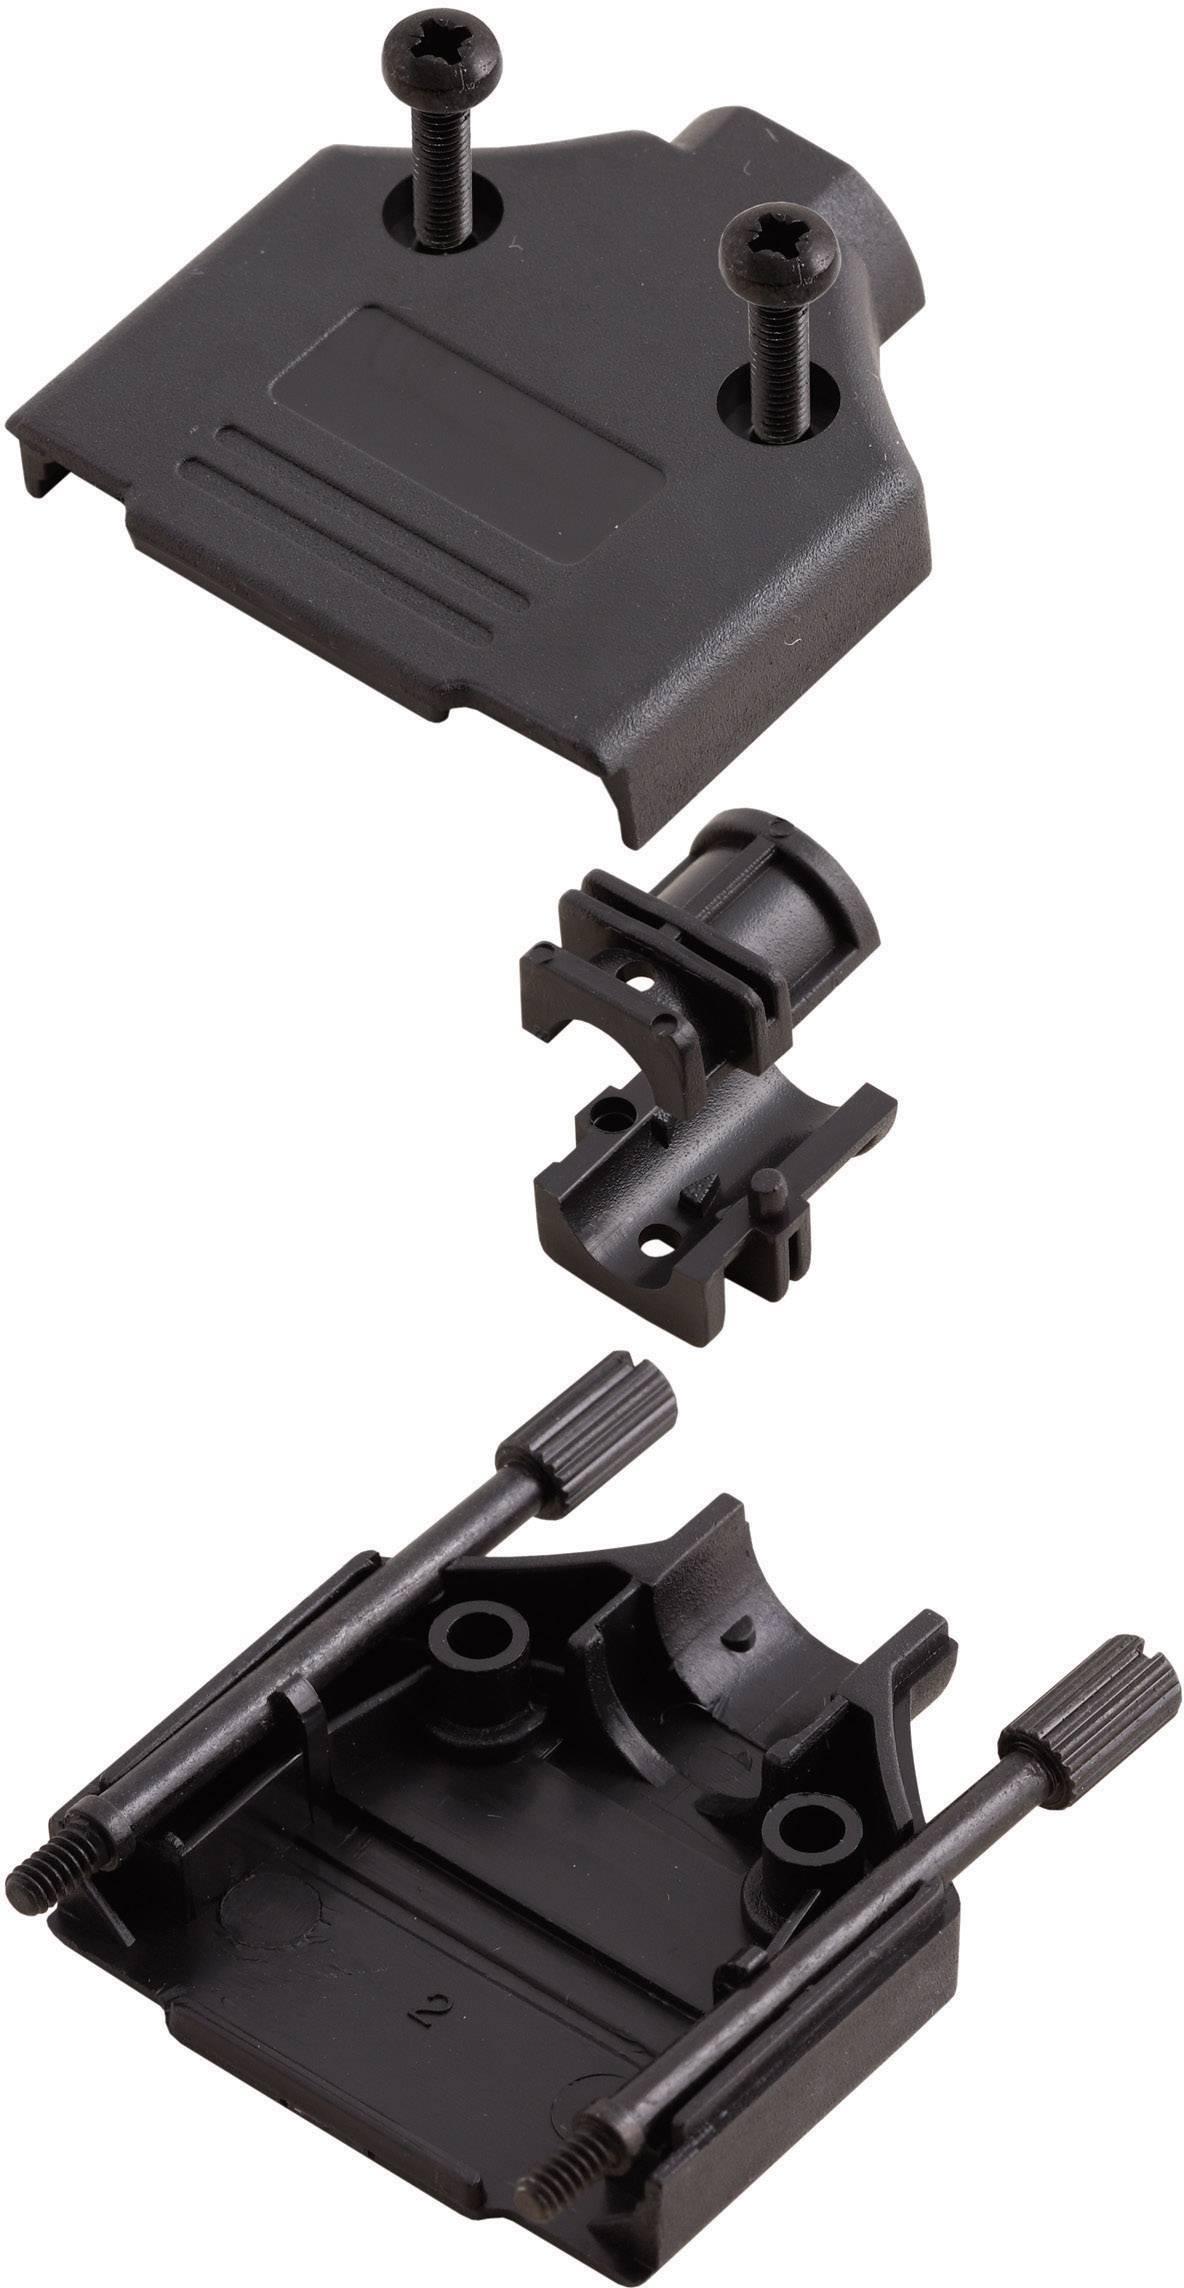 D-SUB púzdro MH Connectors MHDTPPK-37-BK-K 6560-0108-04, počet pinov: 37, plast, 180 °, čierna, 1 ks